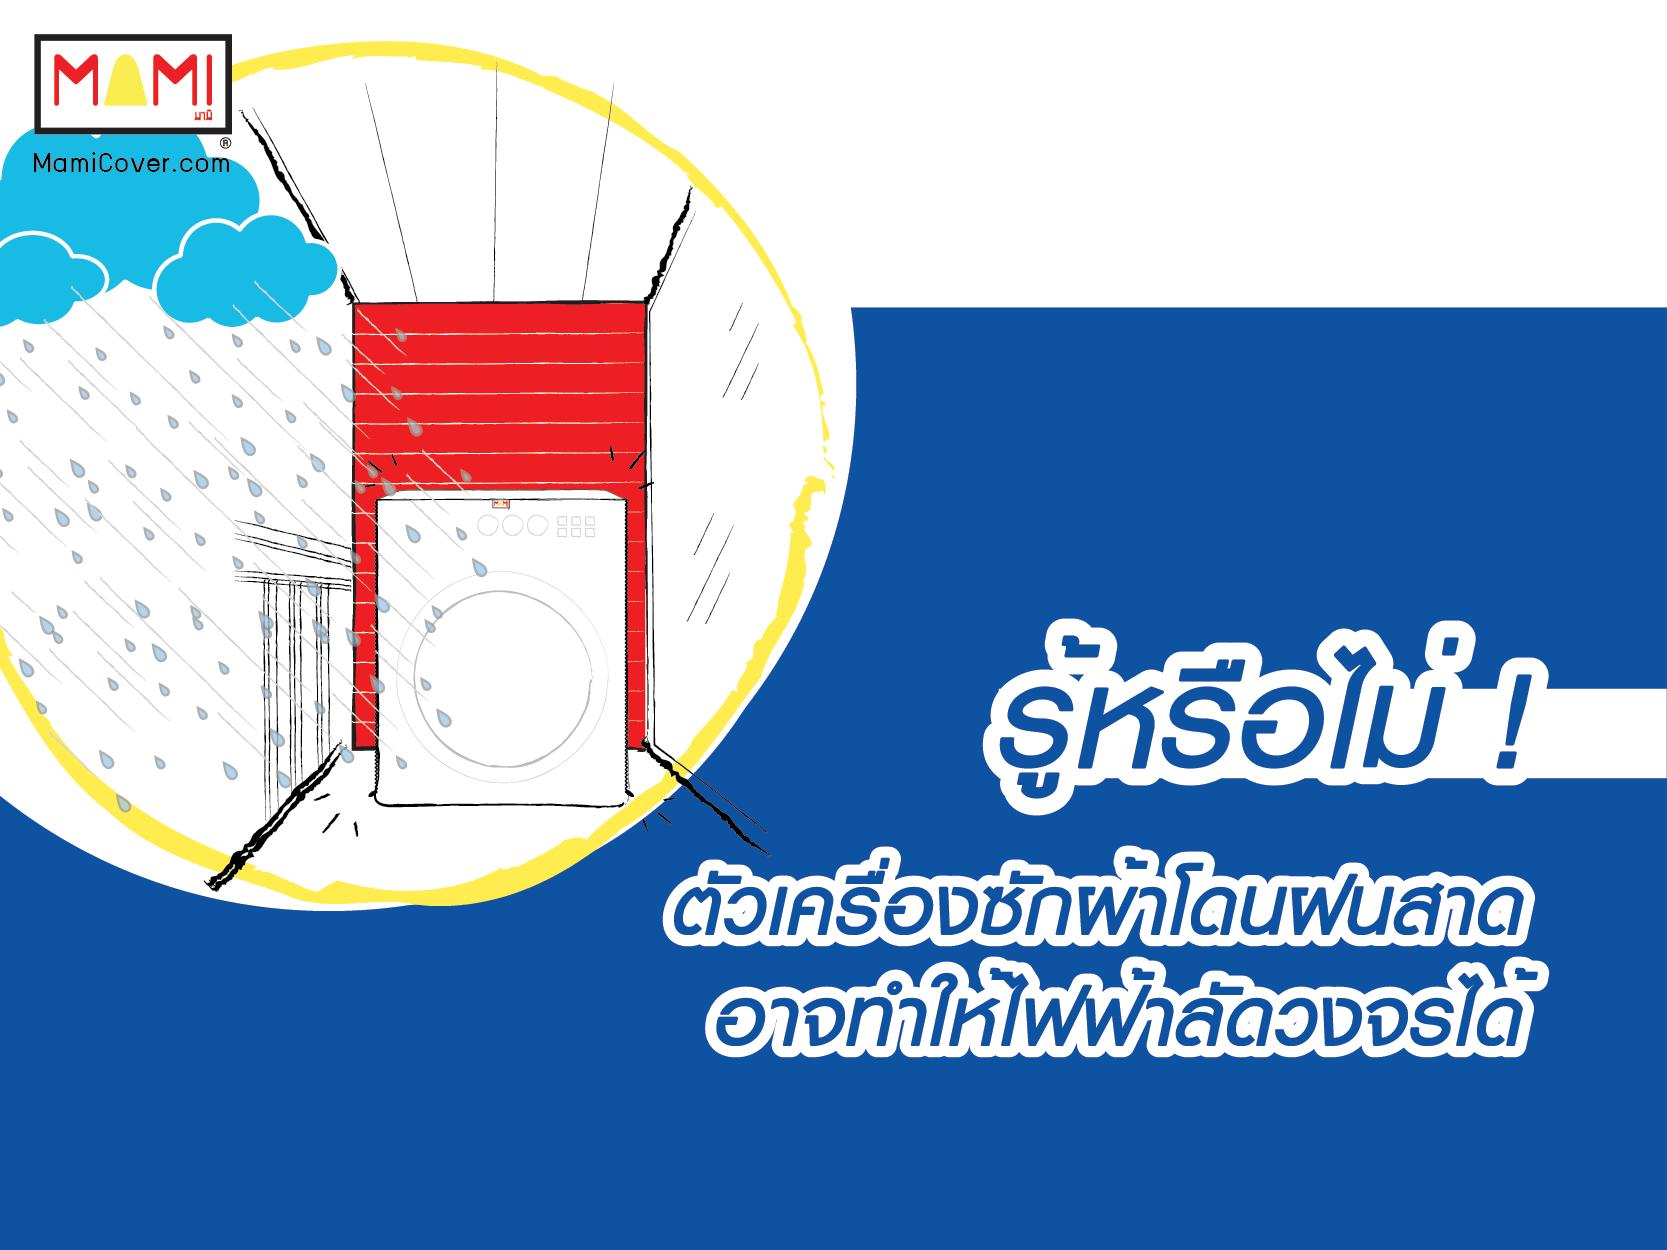 เครื่องซักผ้าโดนฝนสาด มีความเสี่ยงที่ไฟฟ้าลัดวงจรได้